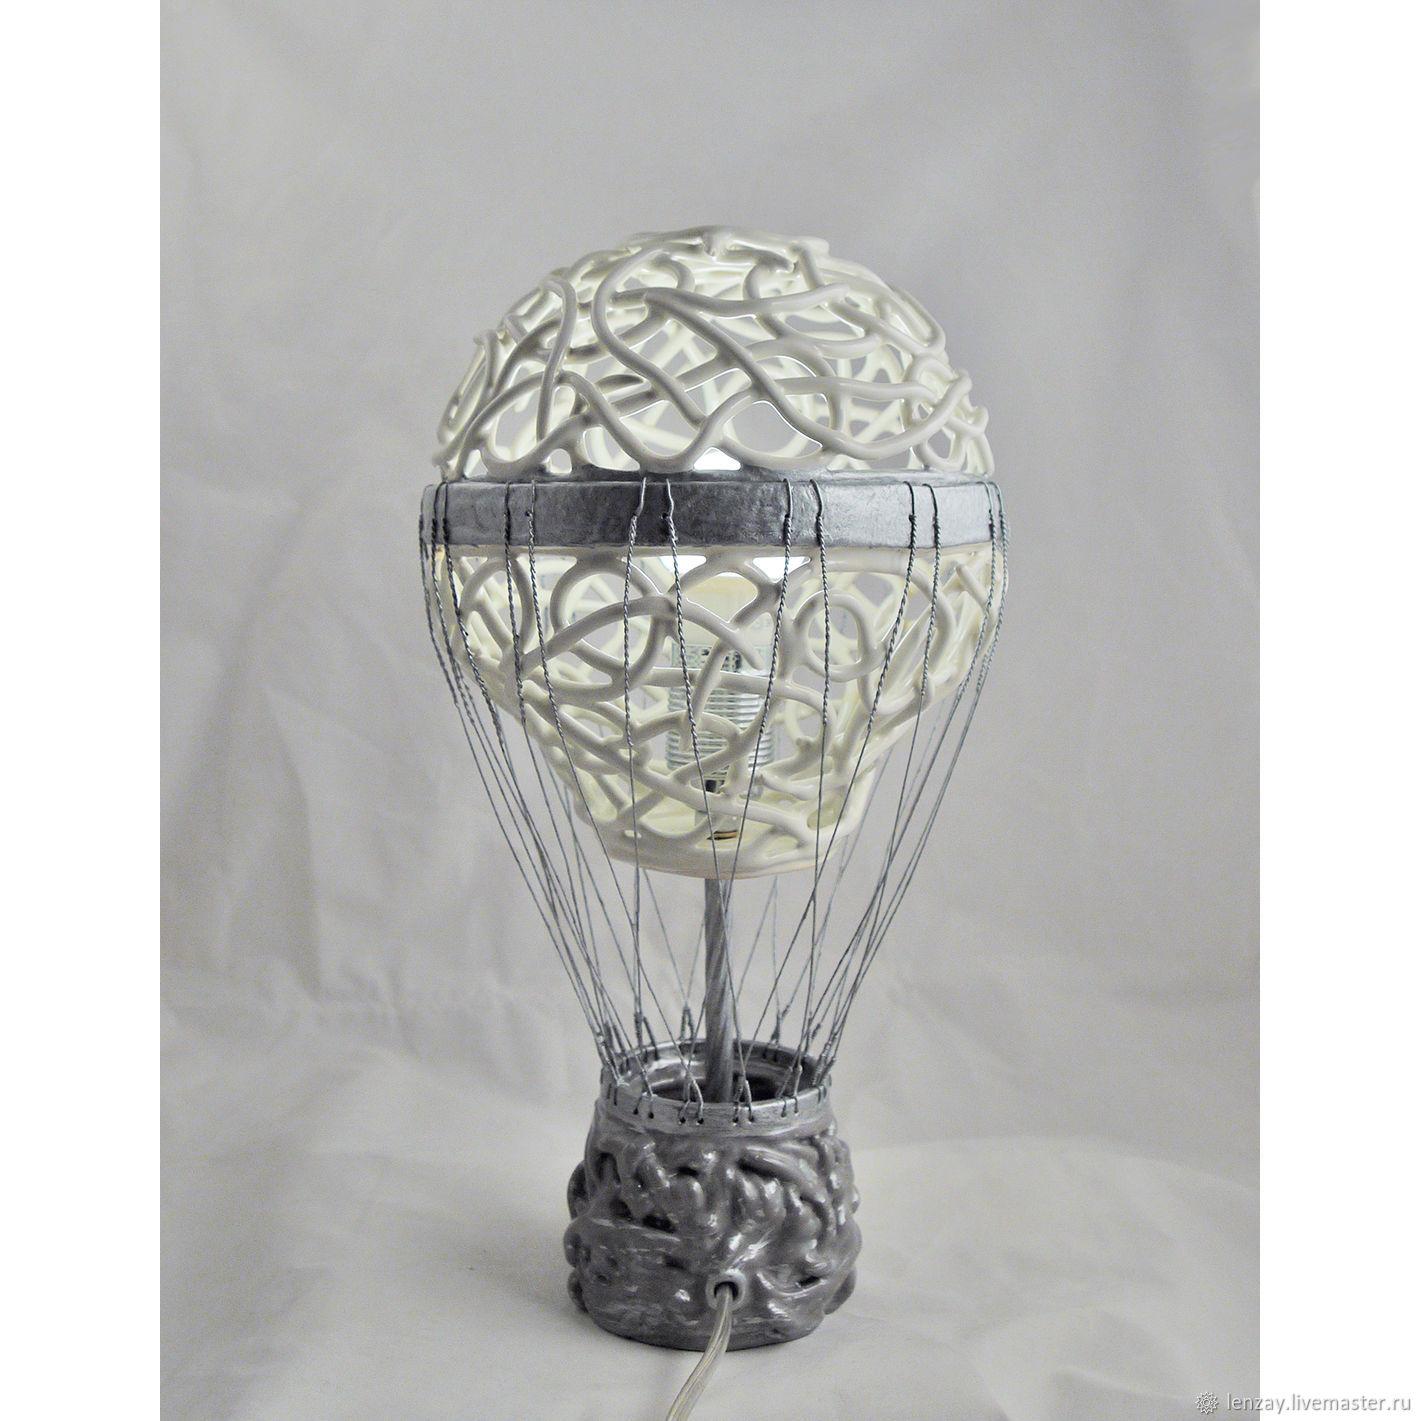 """Абажур-воздушный шар для лампы в детской из того что под рукой - журнал """"сам себе изобретатель"""""""